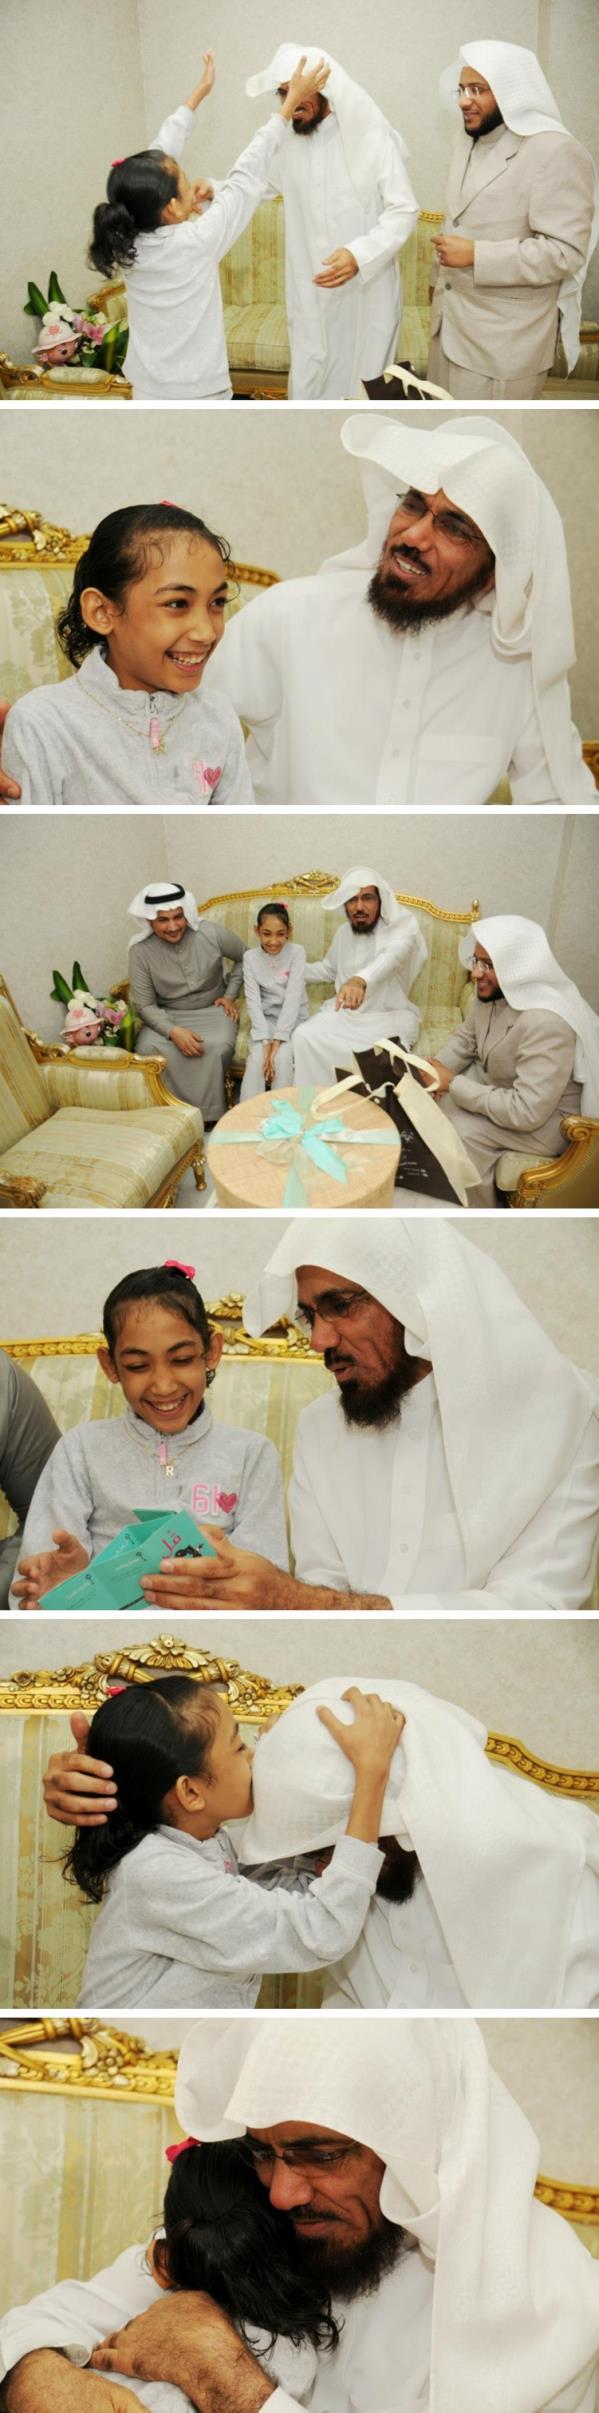 أخبار السعوديه اليوم الاحد 10-3-2013 dd817c95-2b37-472b-9